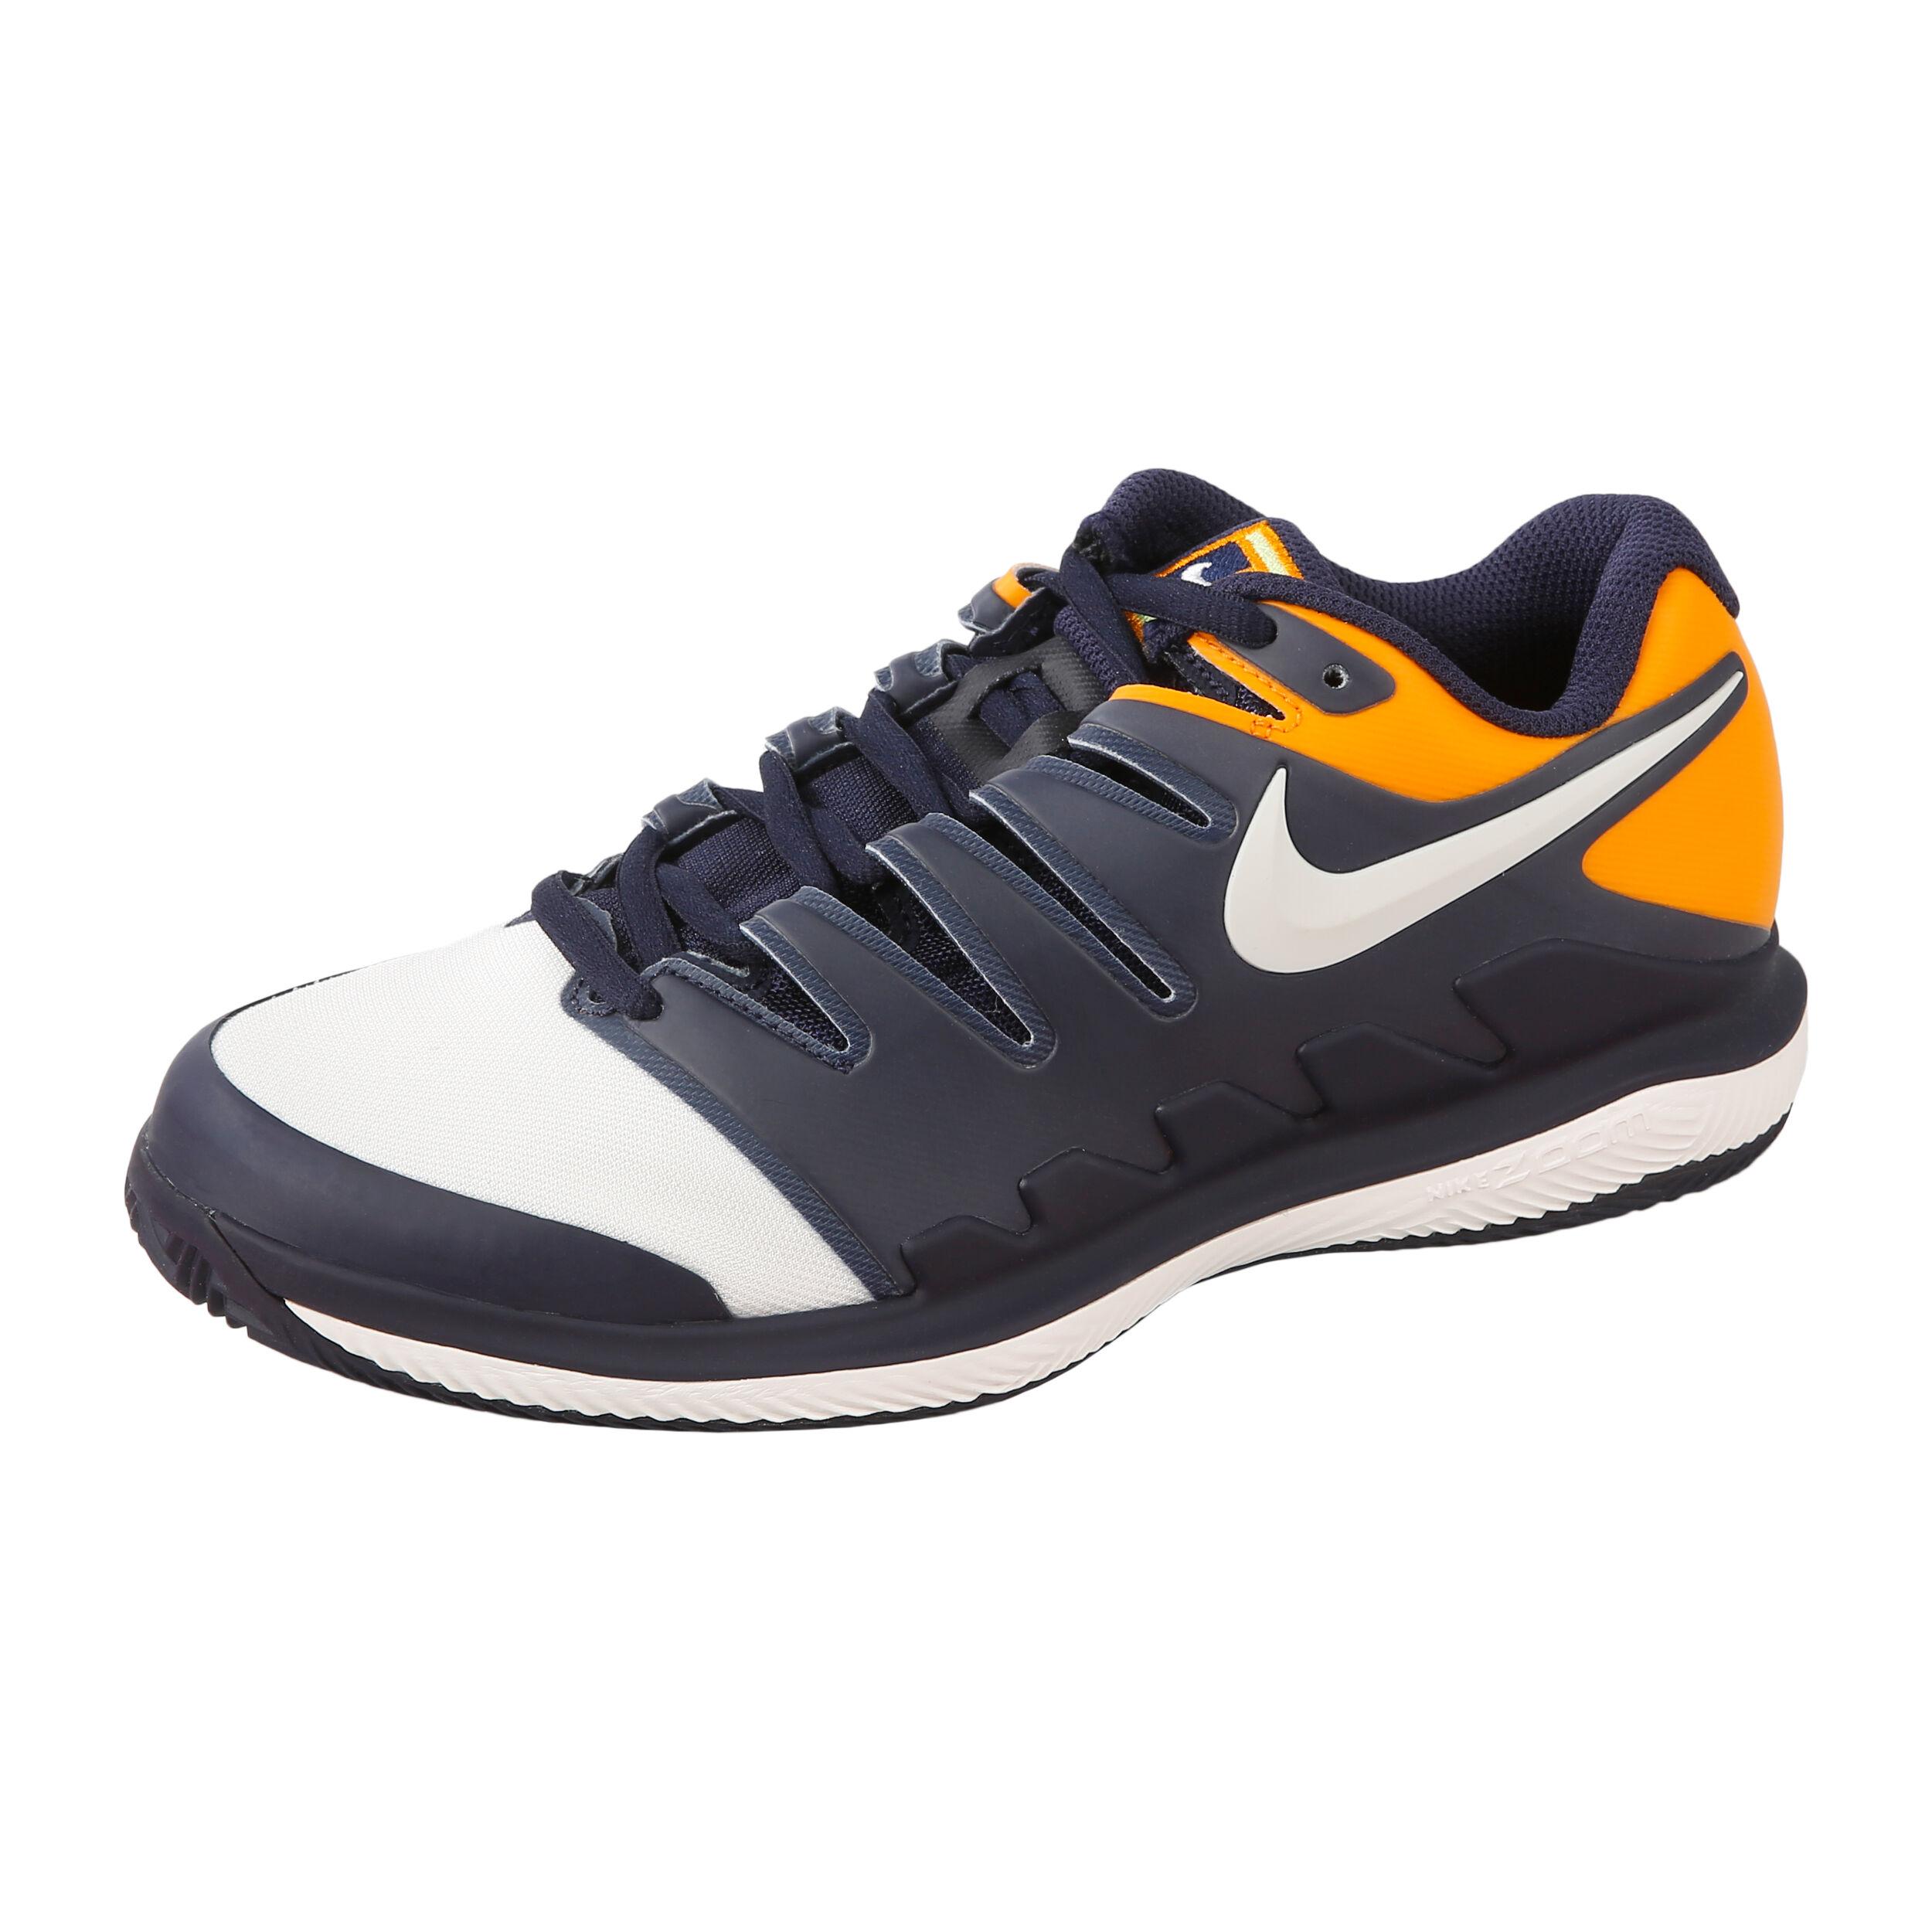 Nike Air Zoom Vapor X Clay Ofertas España Zapatillas Nike